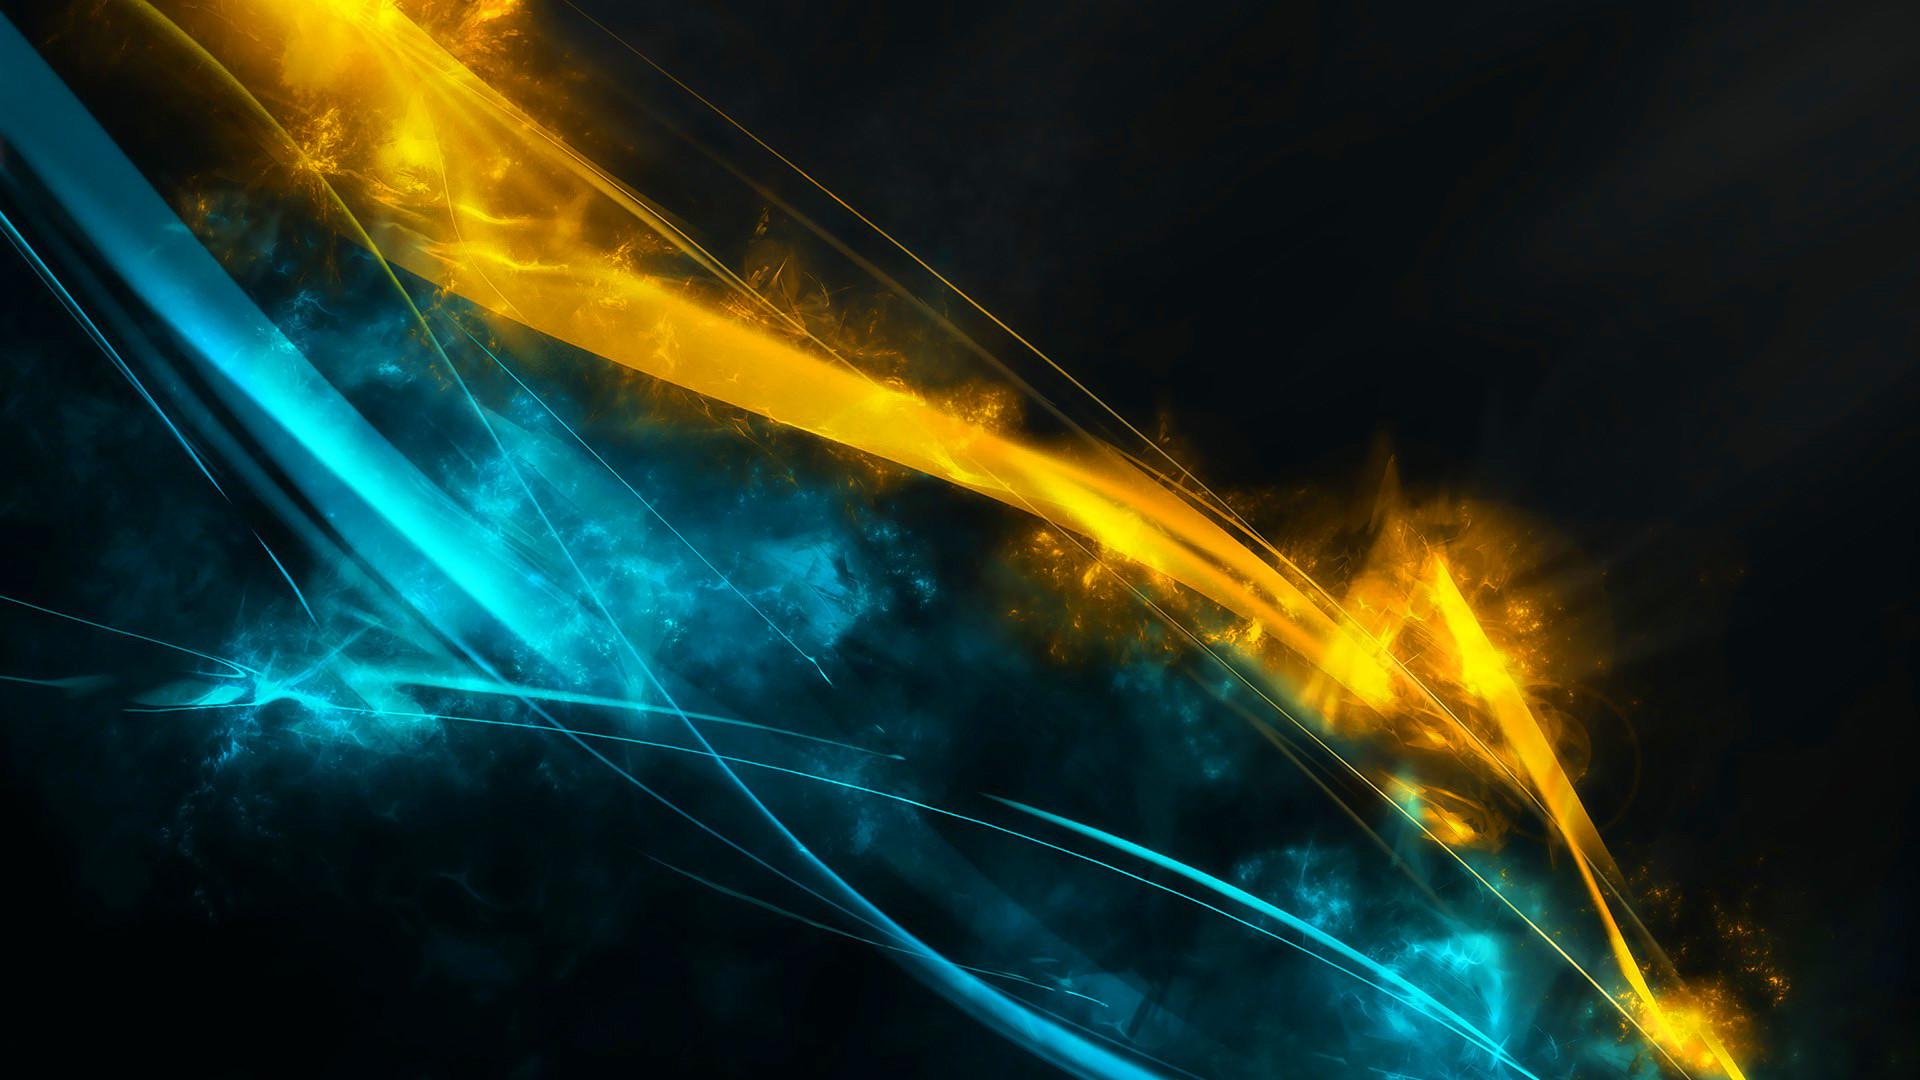 Blue yellow streaks